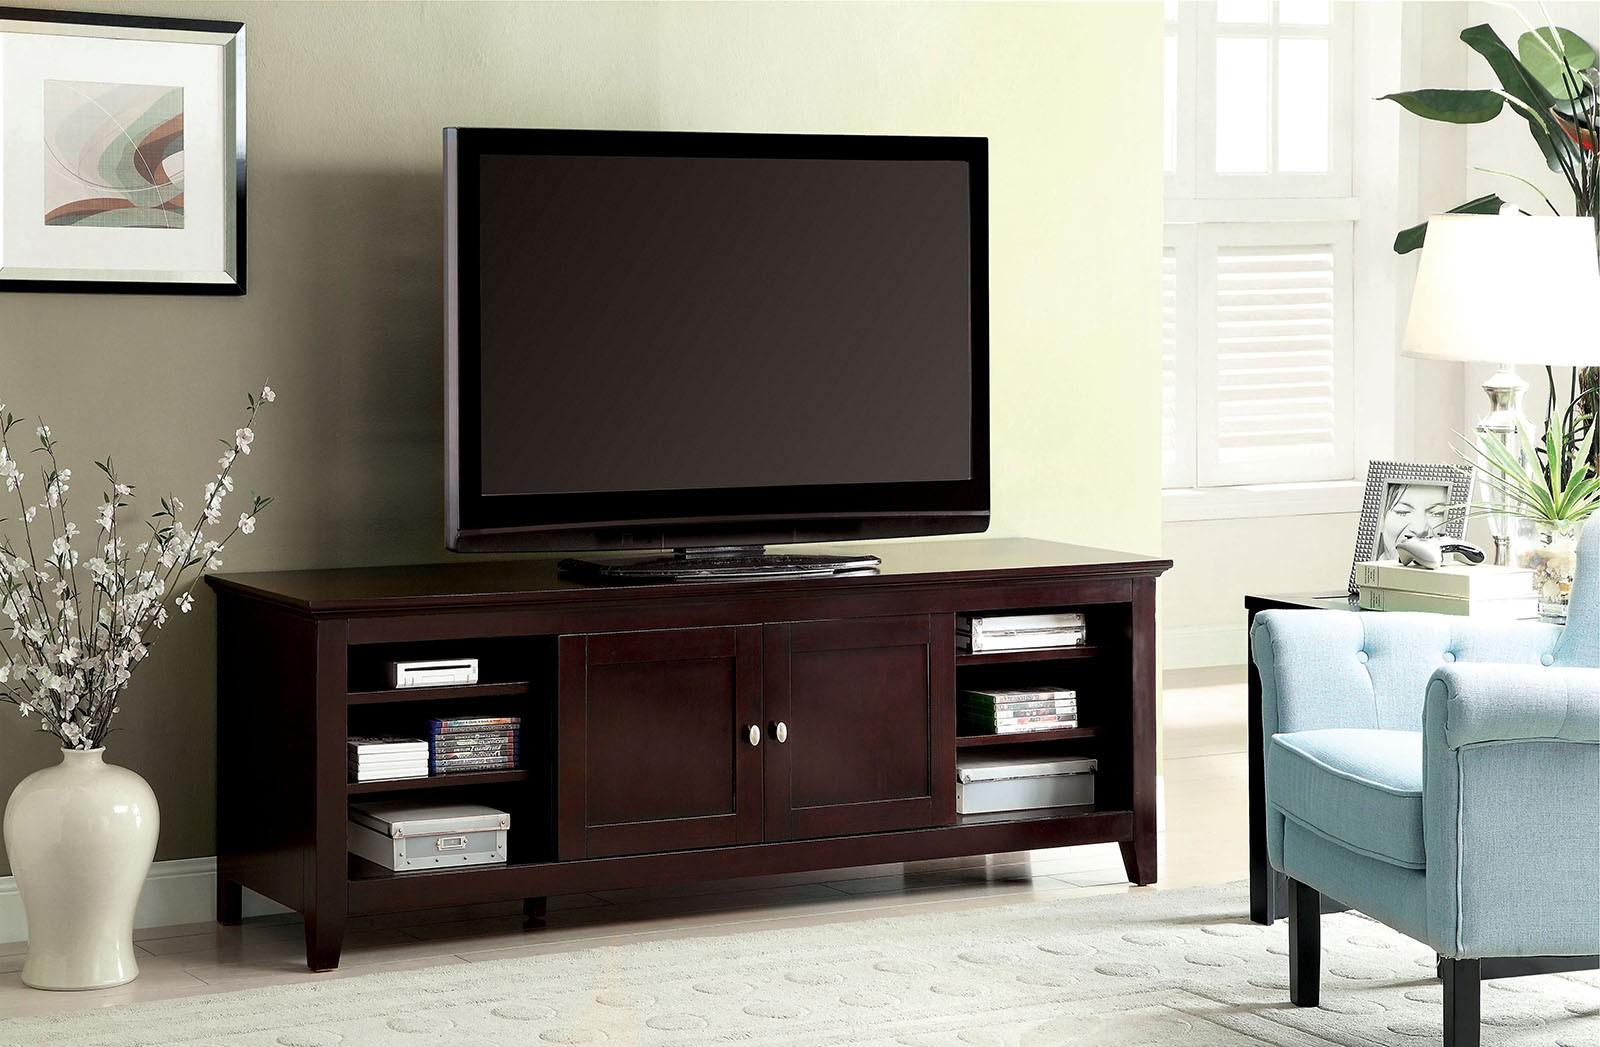 FACM5331-TV